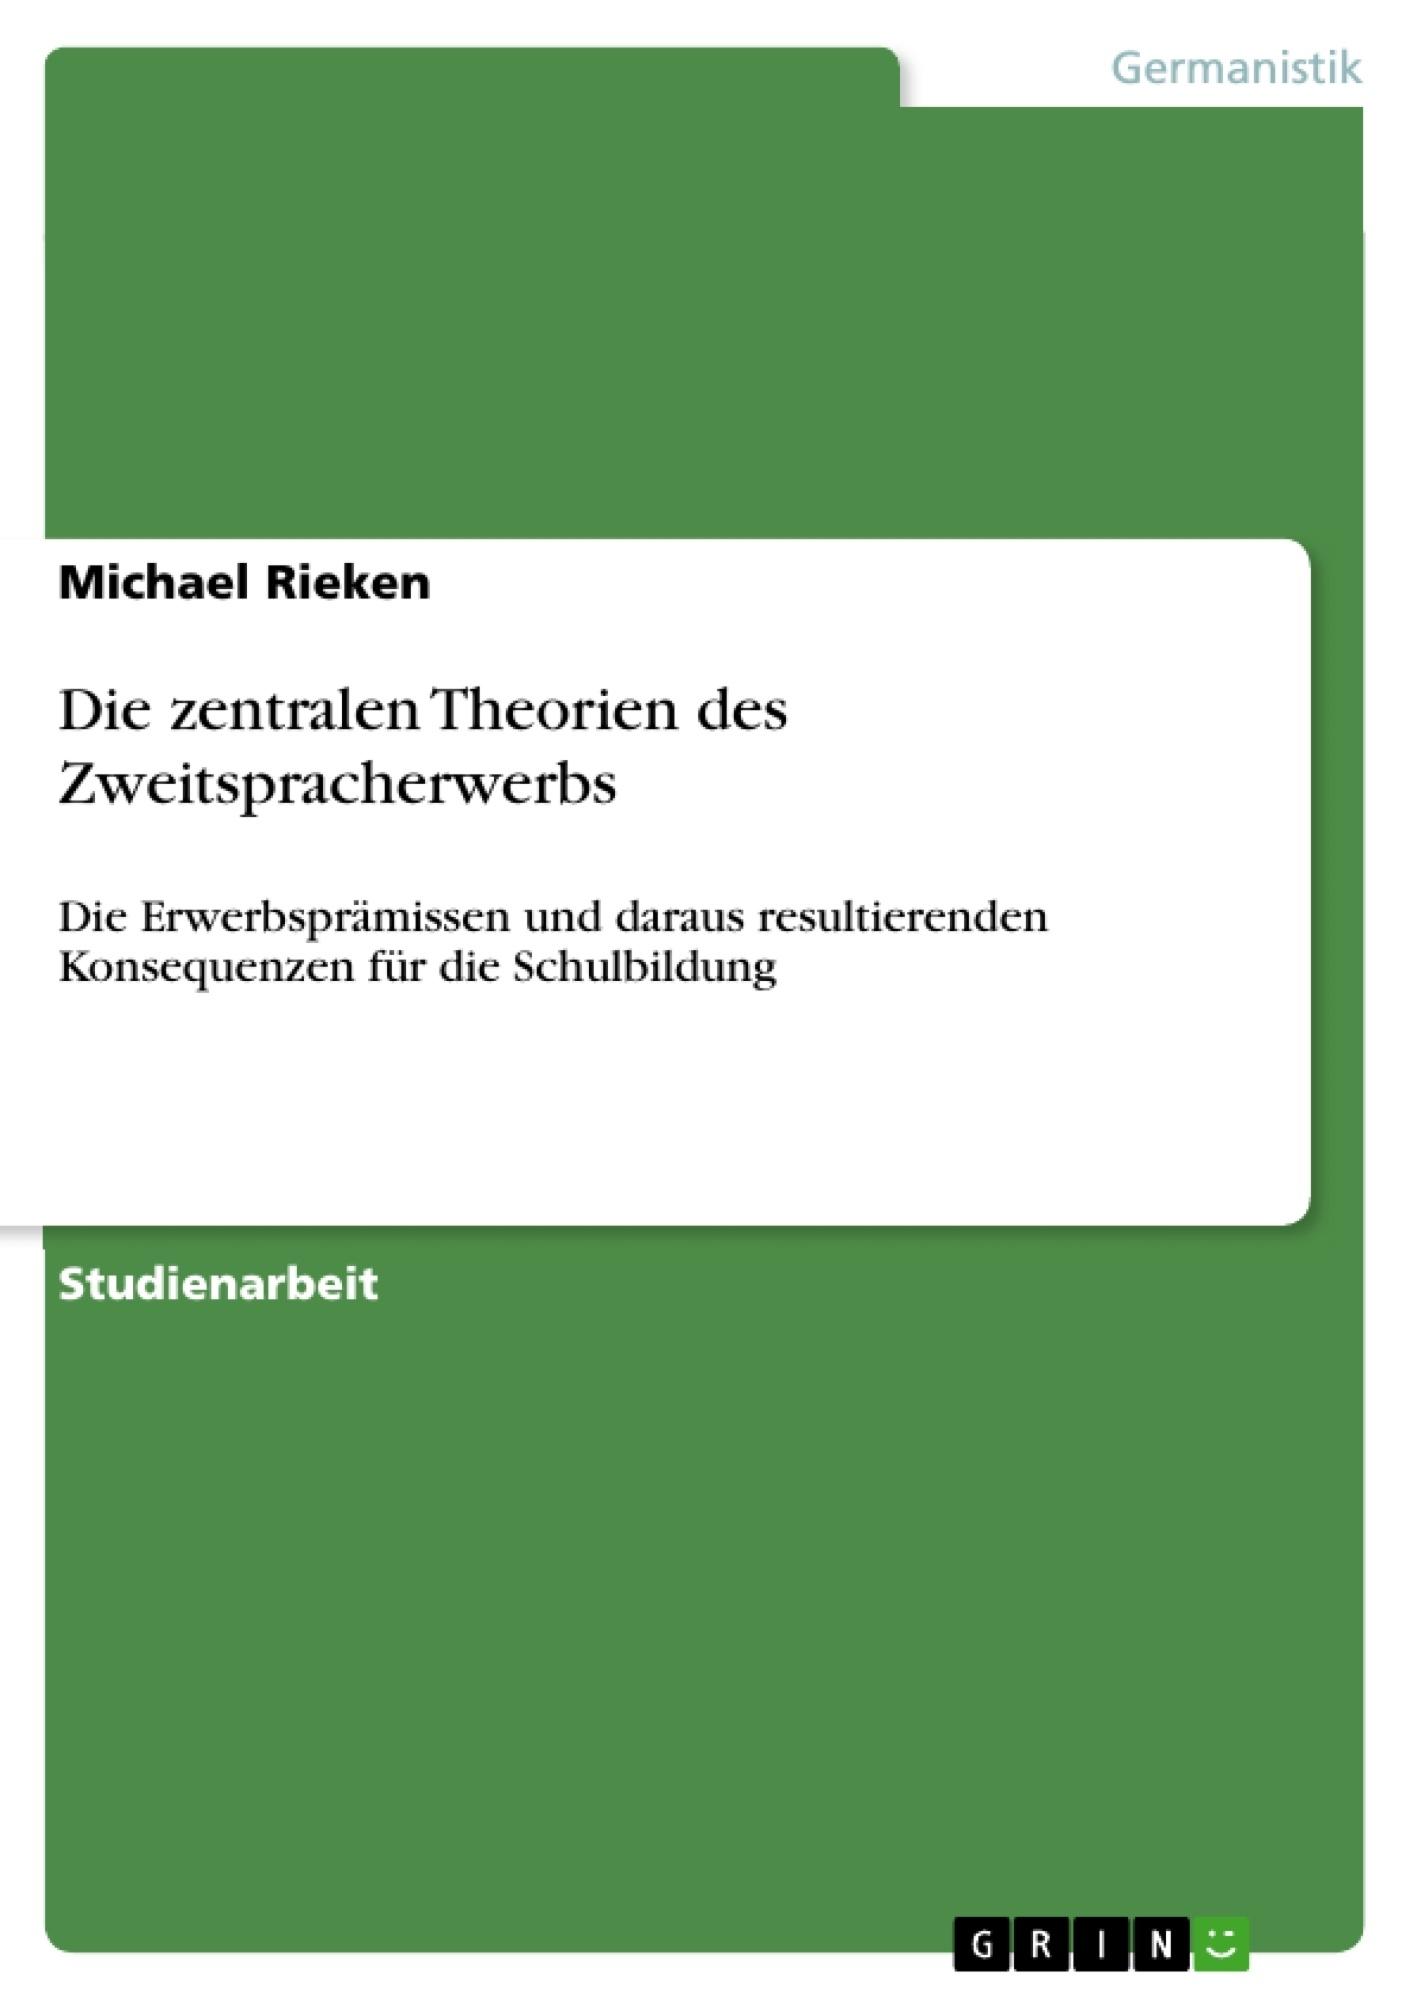 Titel: Die zentralen Theorien des Zweitspracherwerbs